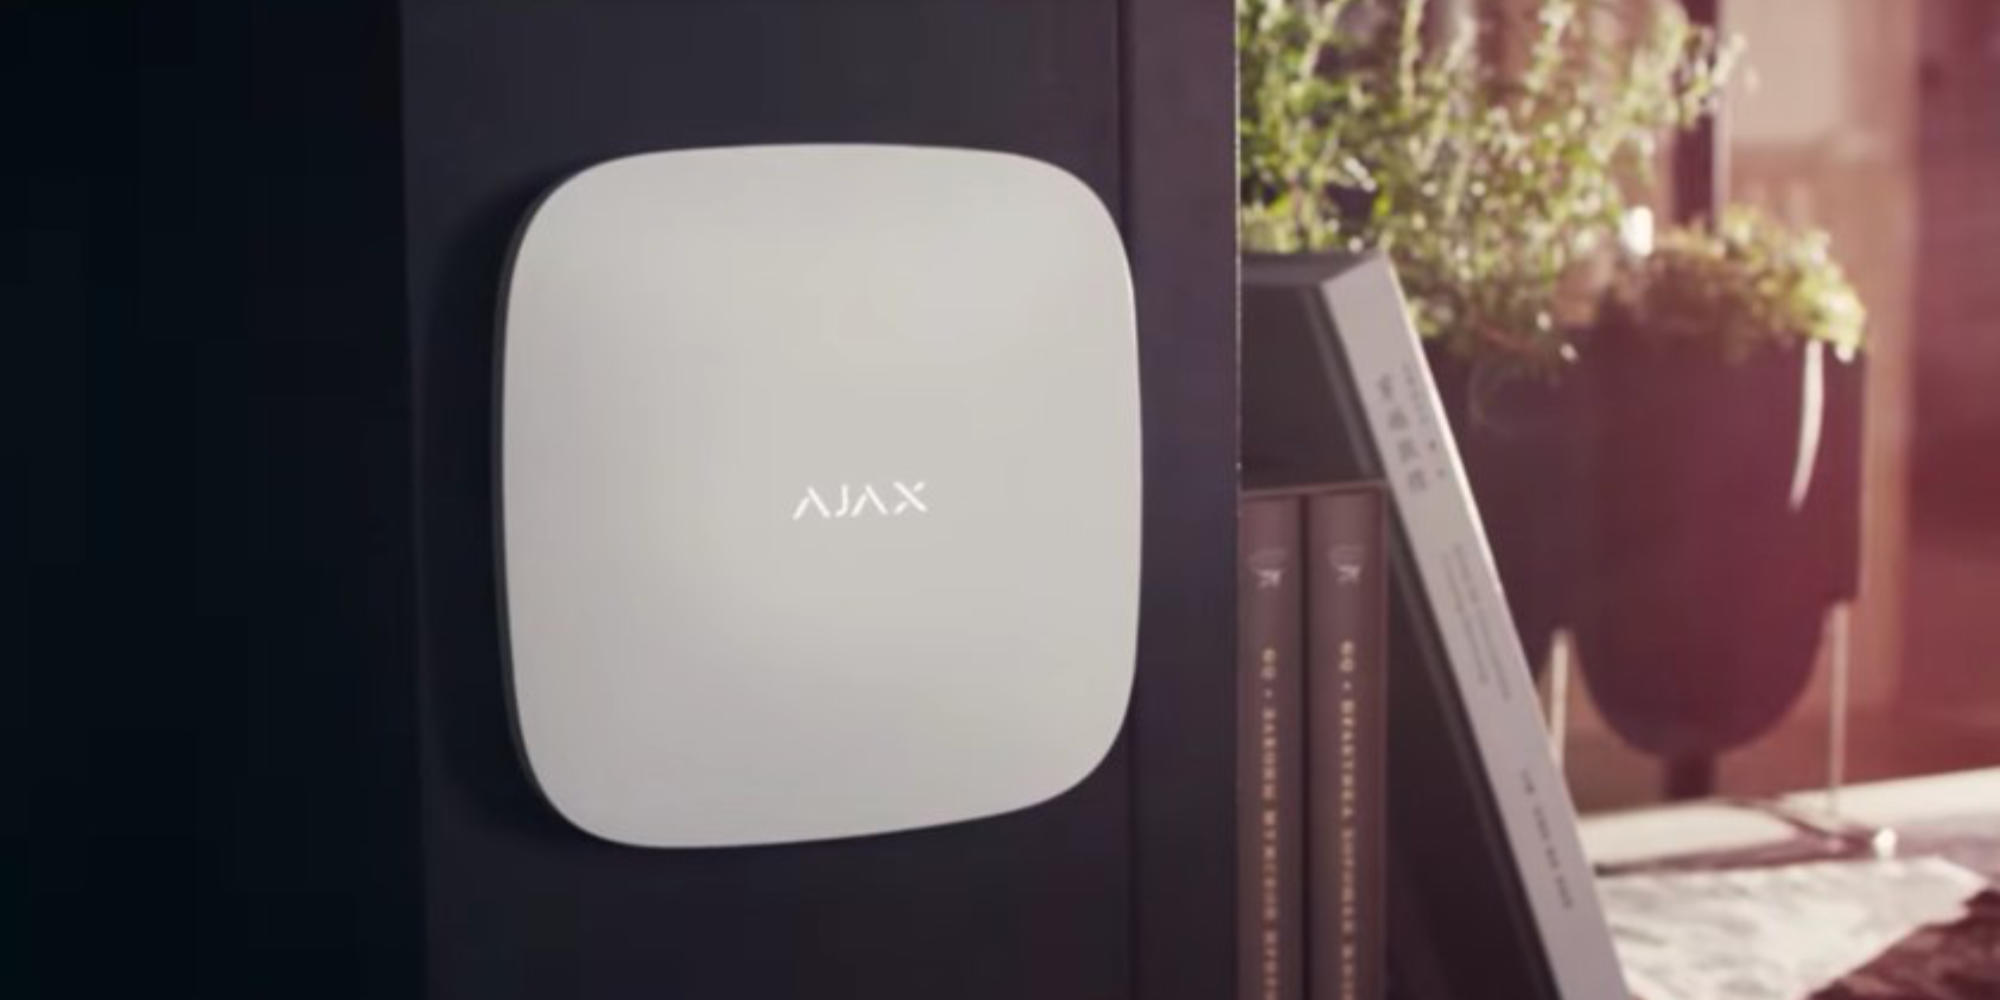 Quelle centrale d'alarme sans fil Ajax choisir ?